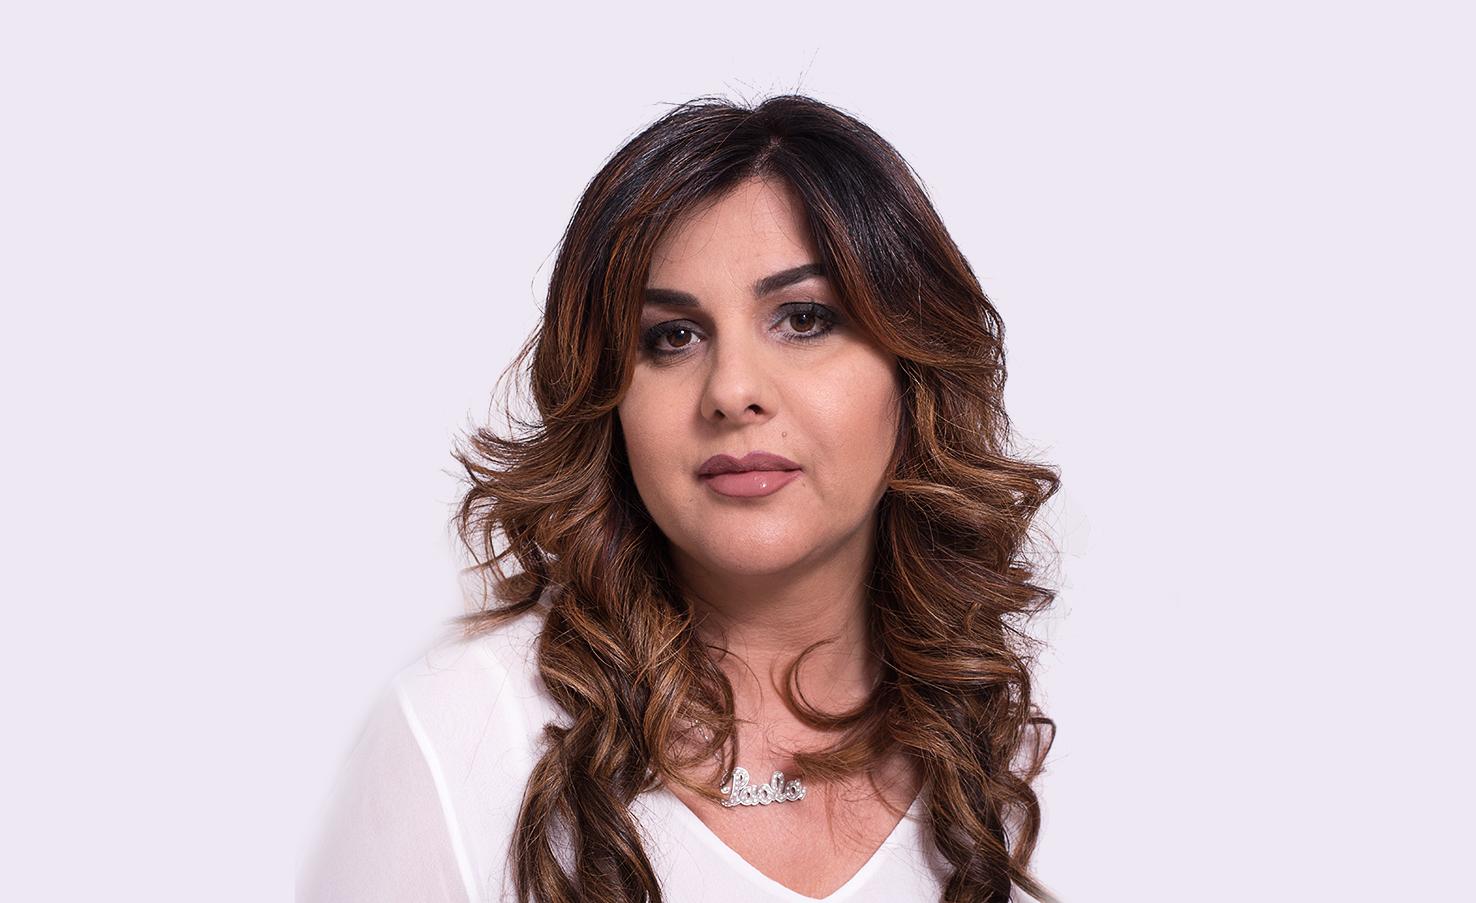 L'impegno di Paola Matteo al fianco delle donne vittime di violenza